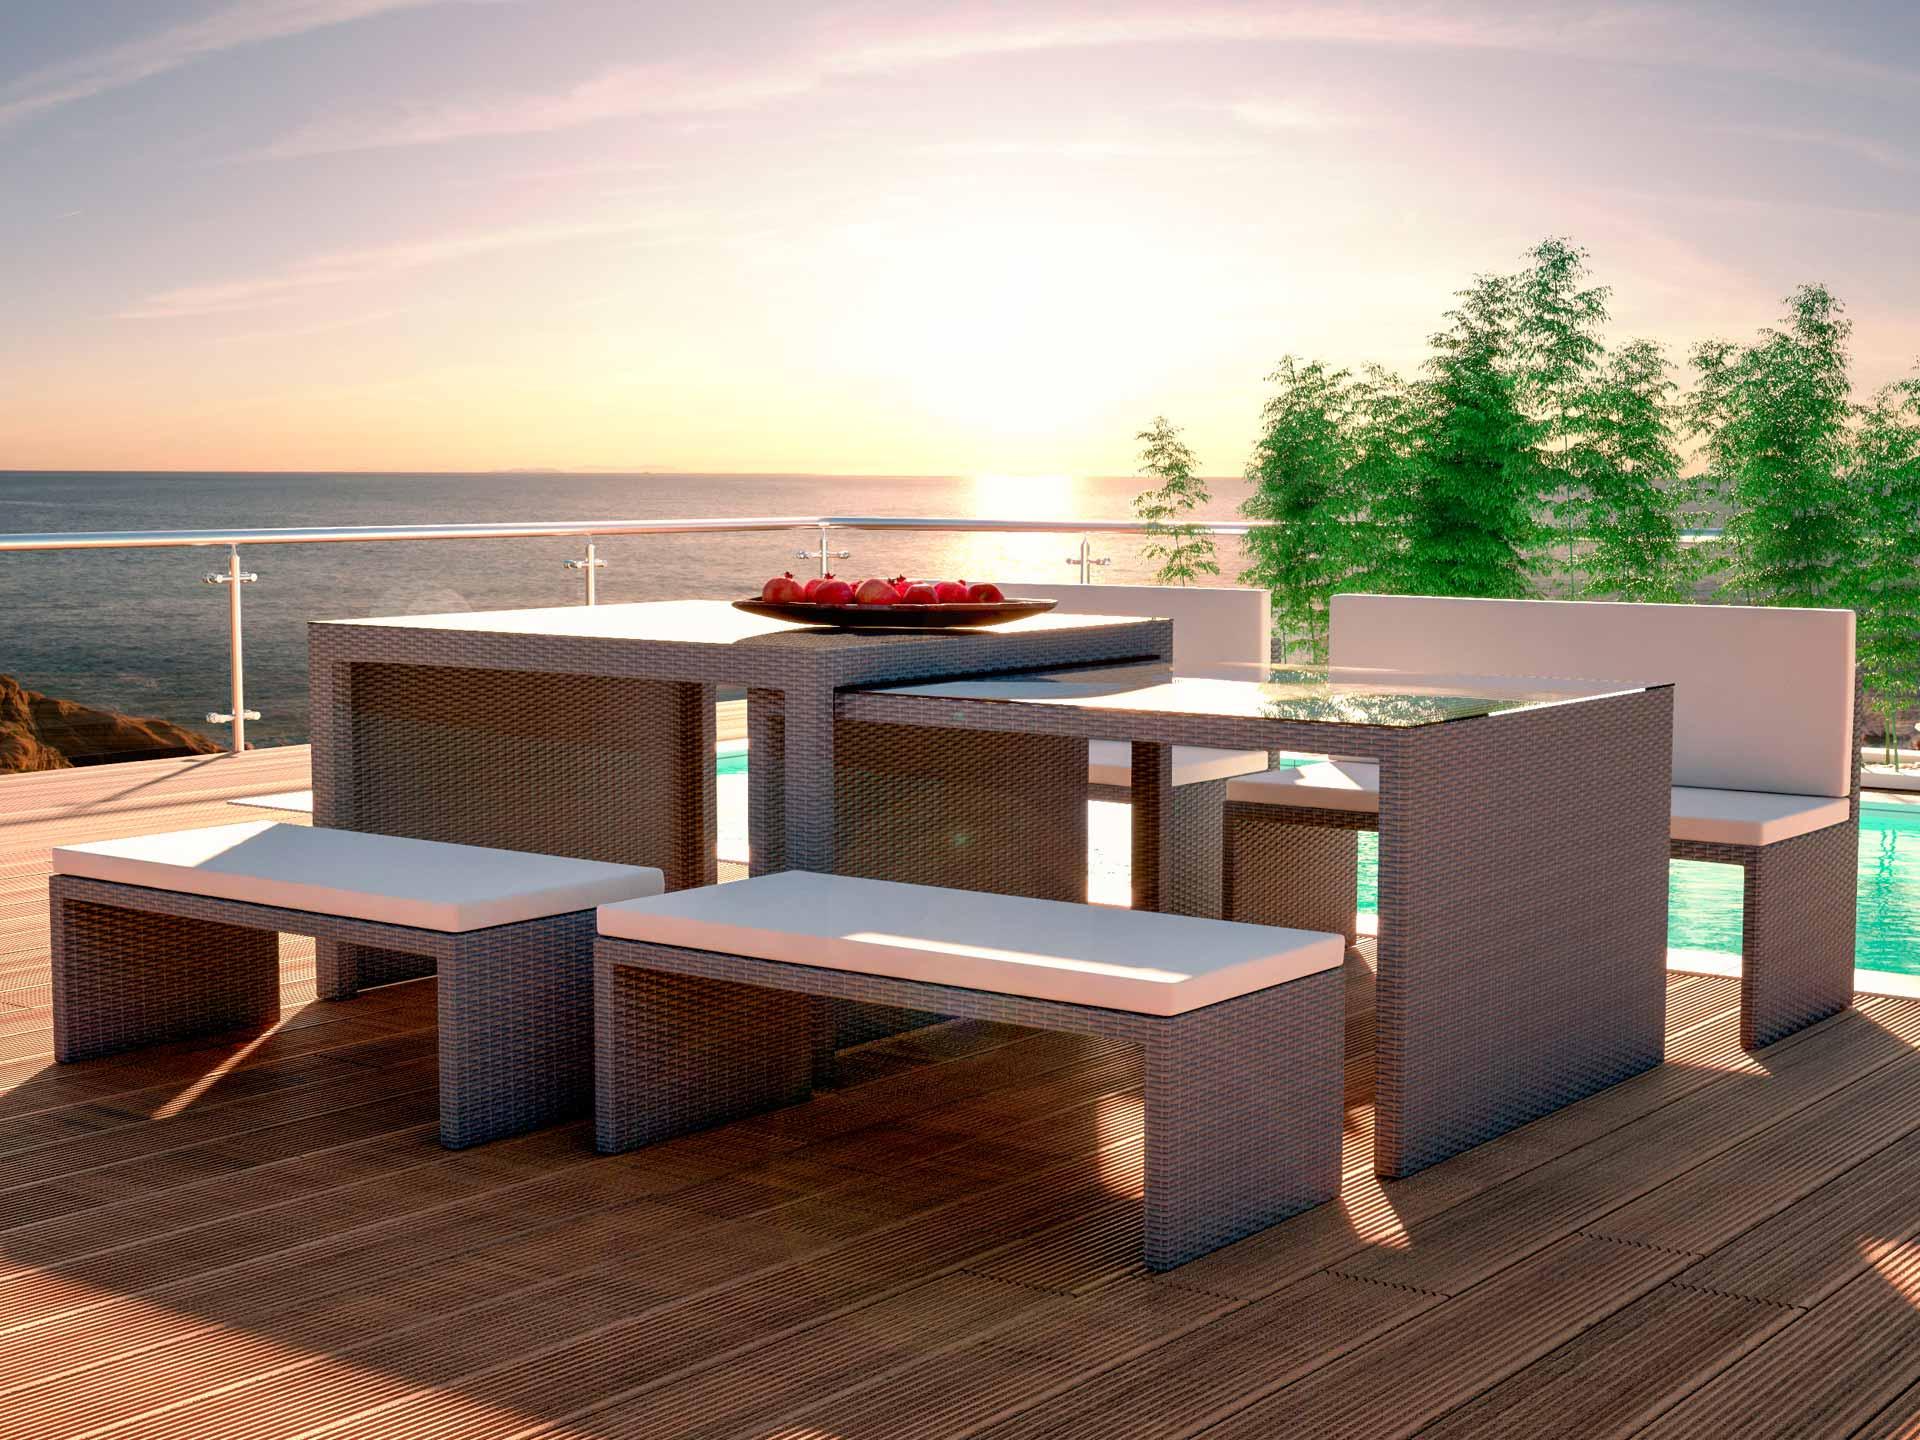 ARTELIA | Jetzt die Polyrattan Sitzgruppe Flamax für 8 Personen kaufen